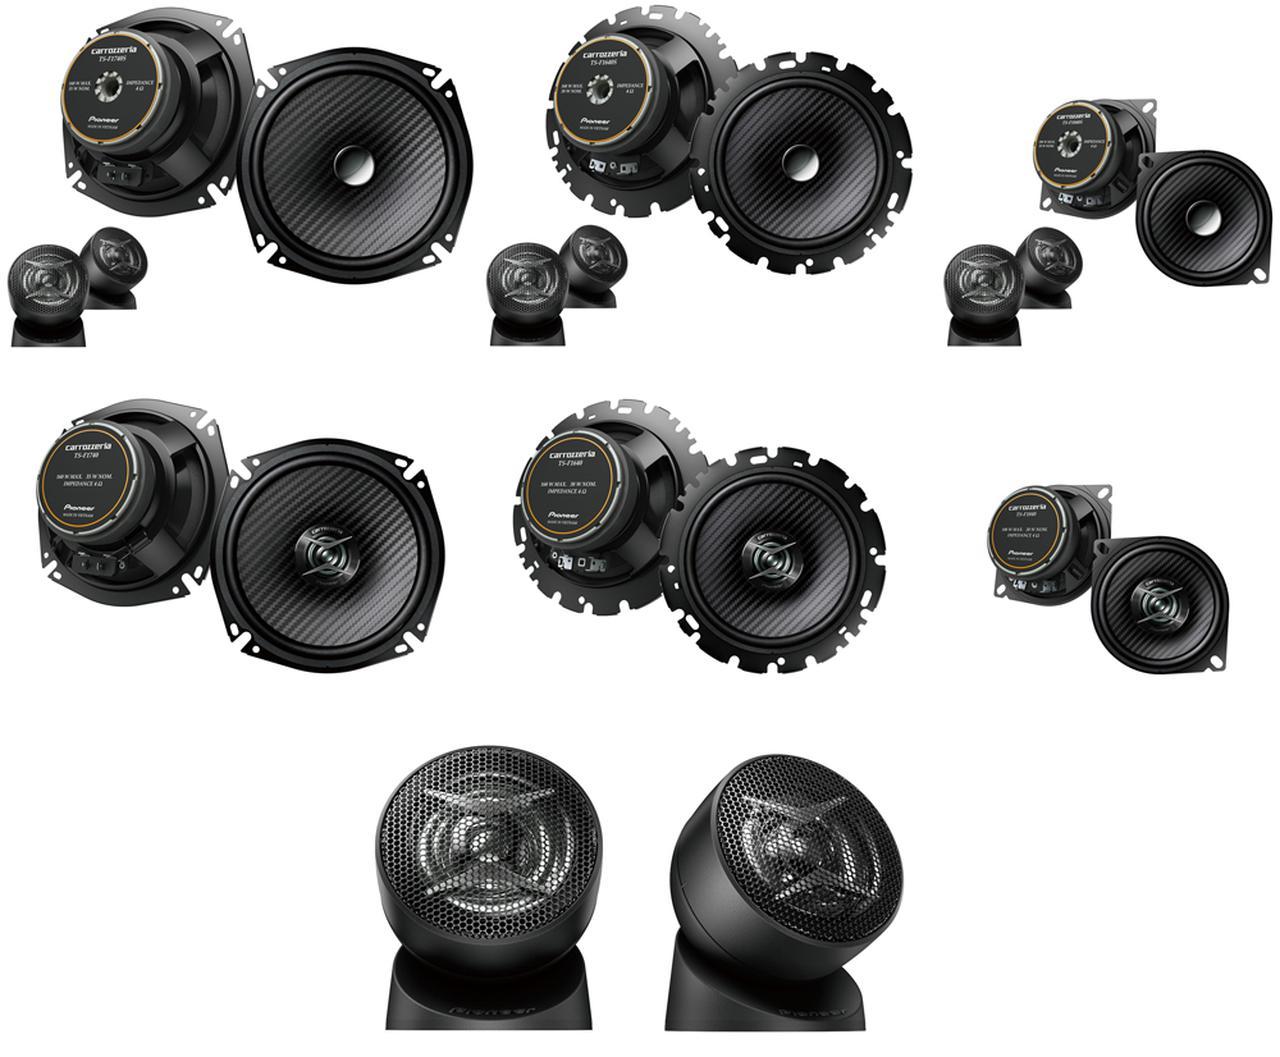 画像: 上段左がTS-F1740S II、上段中TS-F1640S II、上段右TS-F1040S II、中段左、TS-F1740II、中断中TS-F1640II、中段右TS-F1040II、そして下段がTS-T440II。